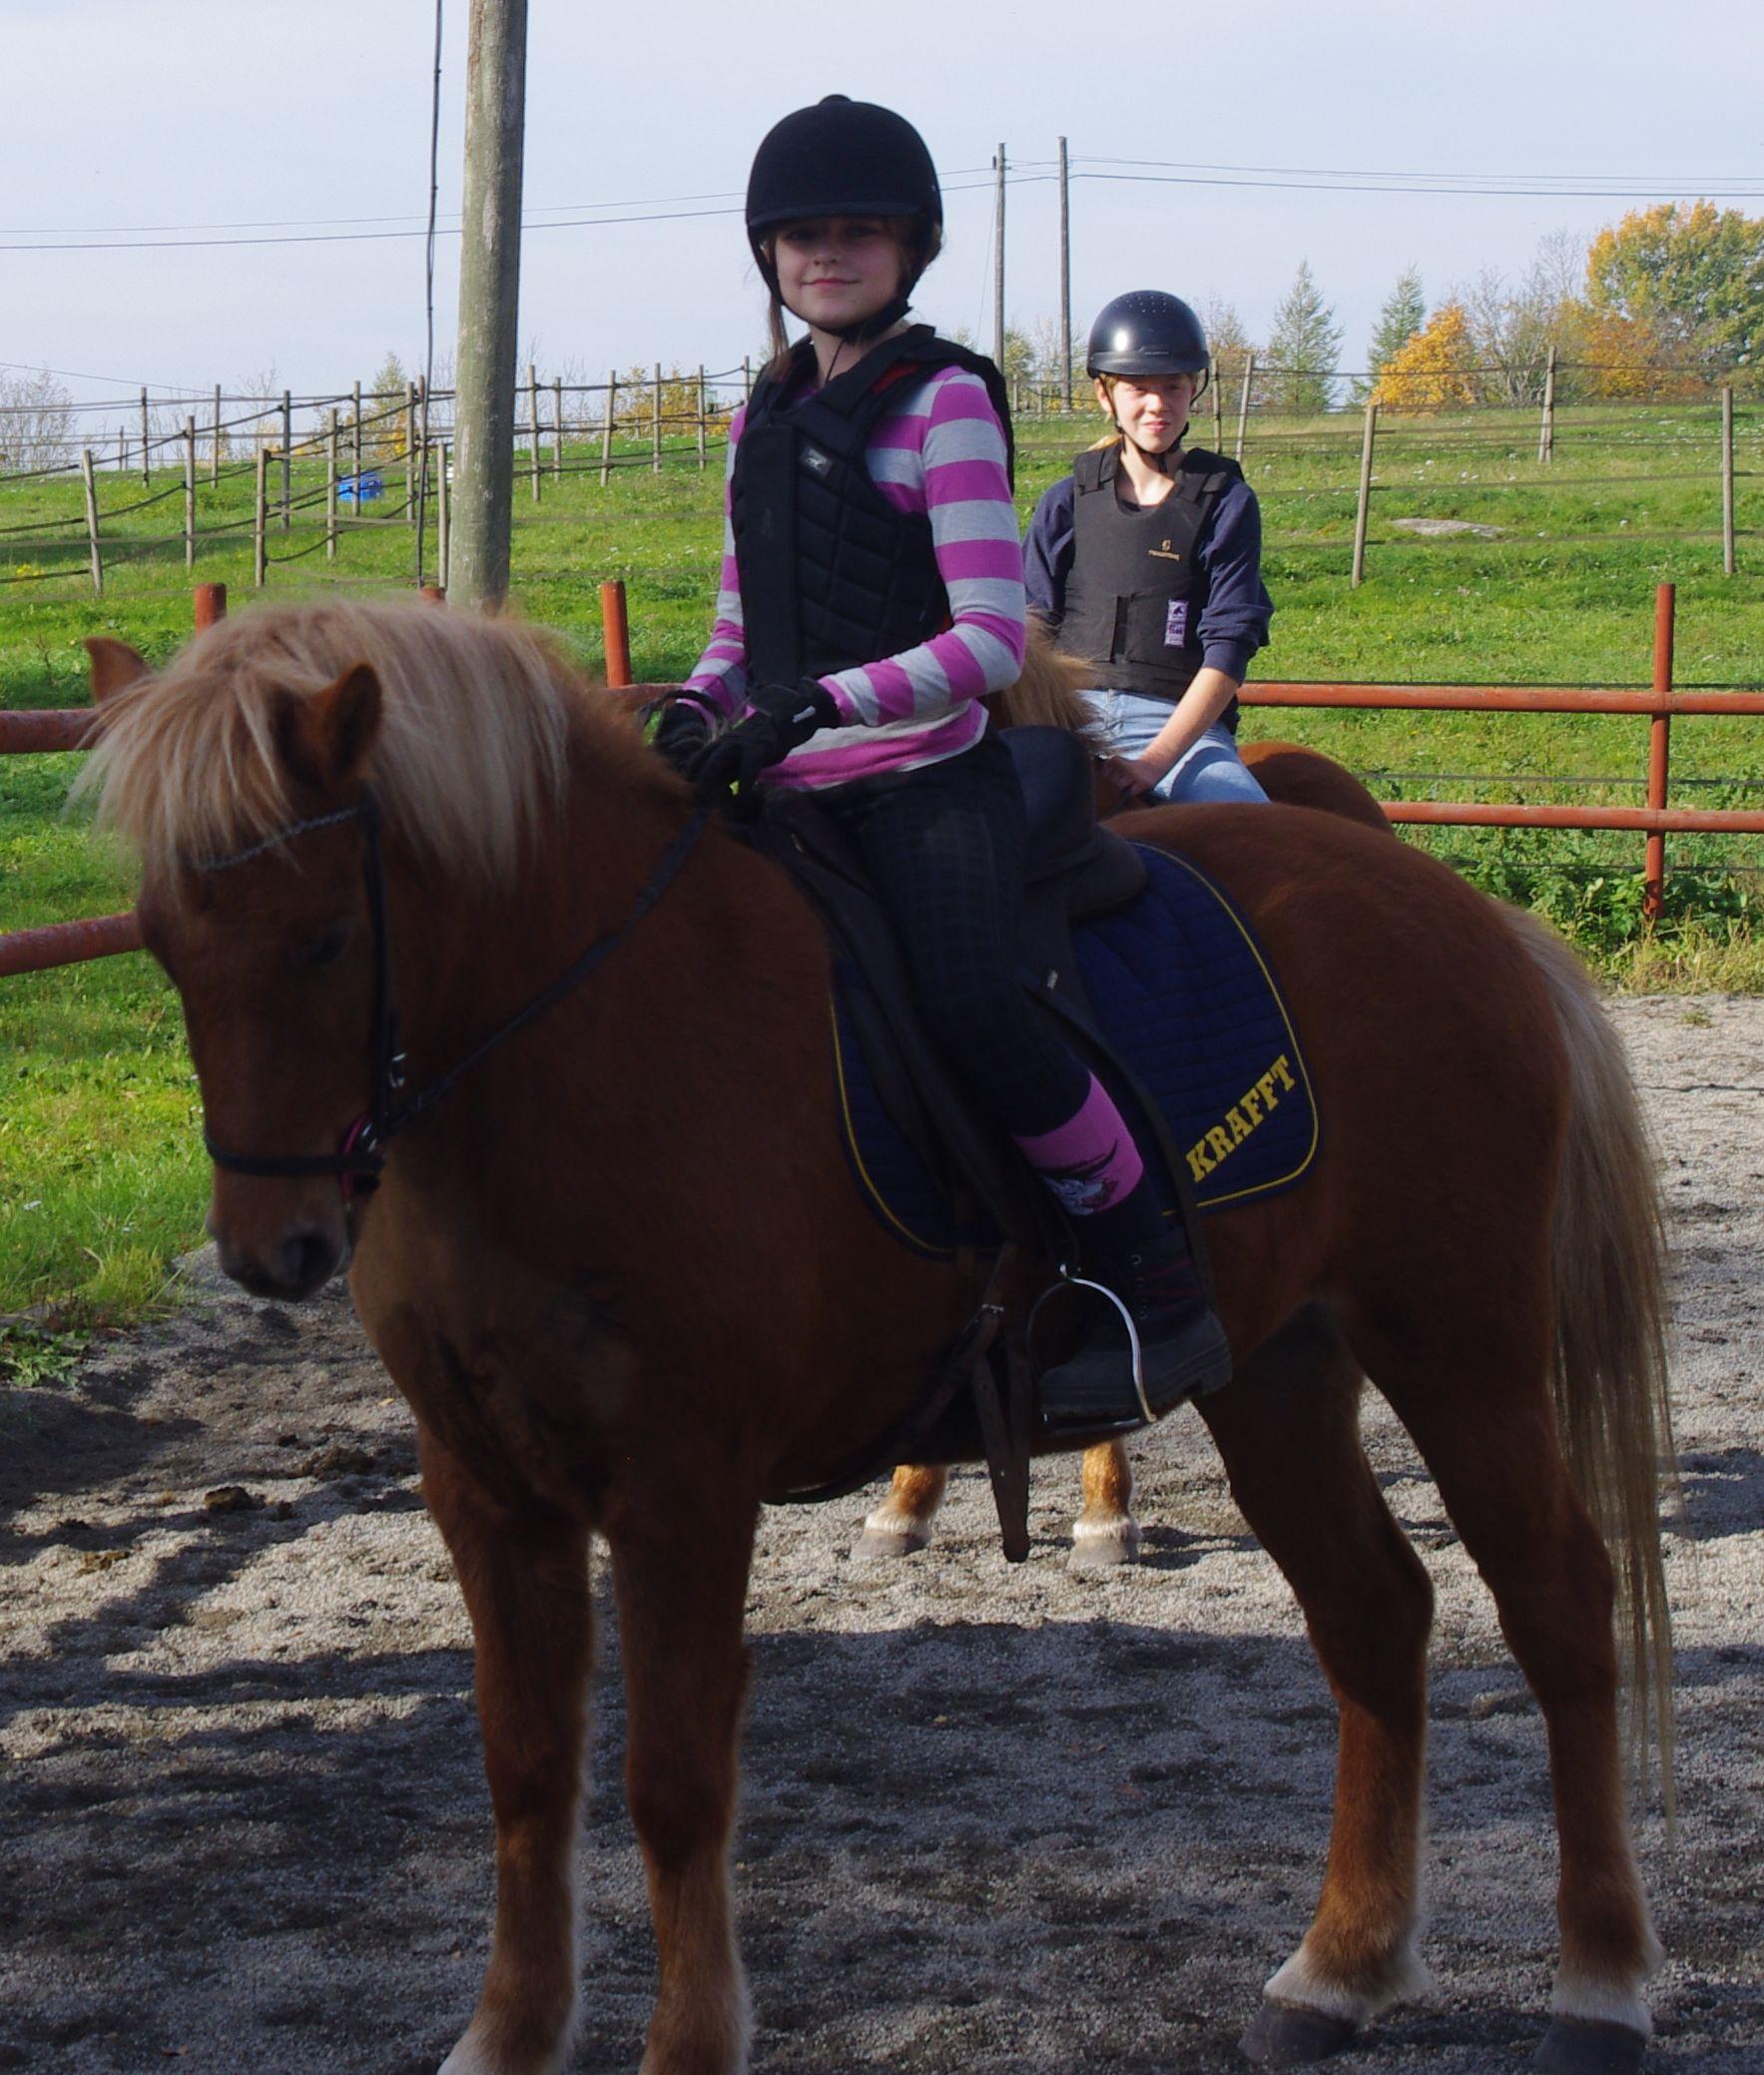 flori Our horses-sparrispislandshastar.com | 2020